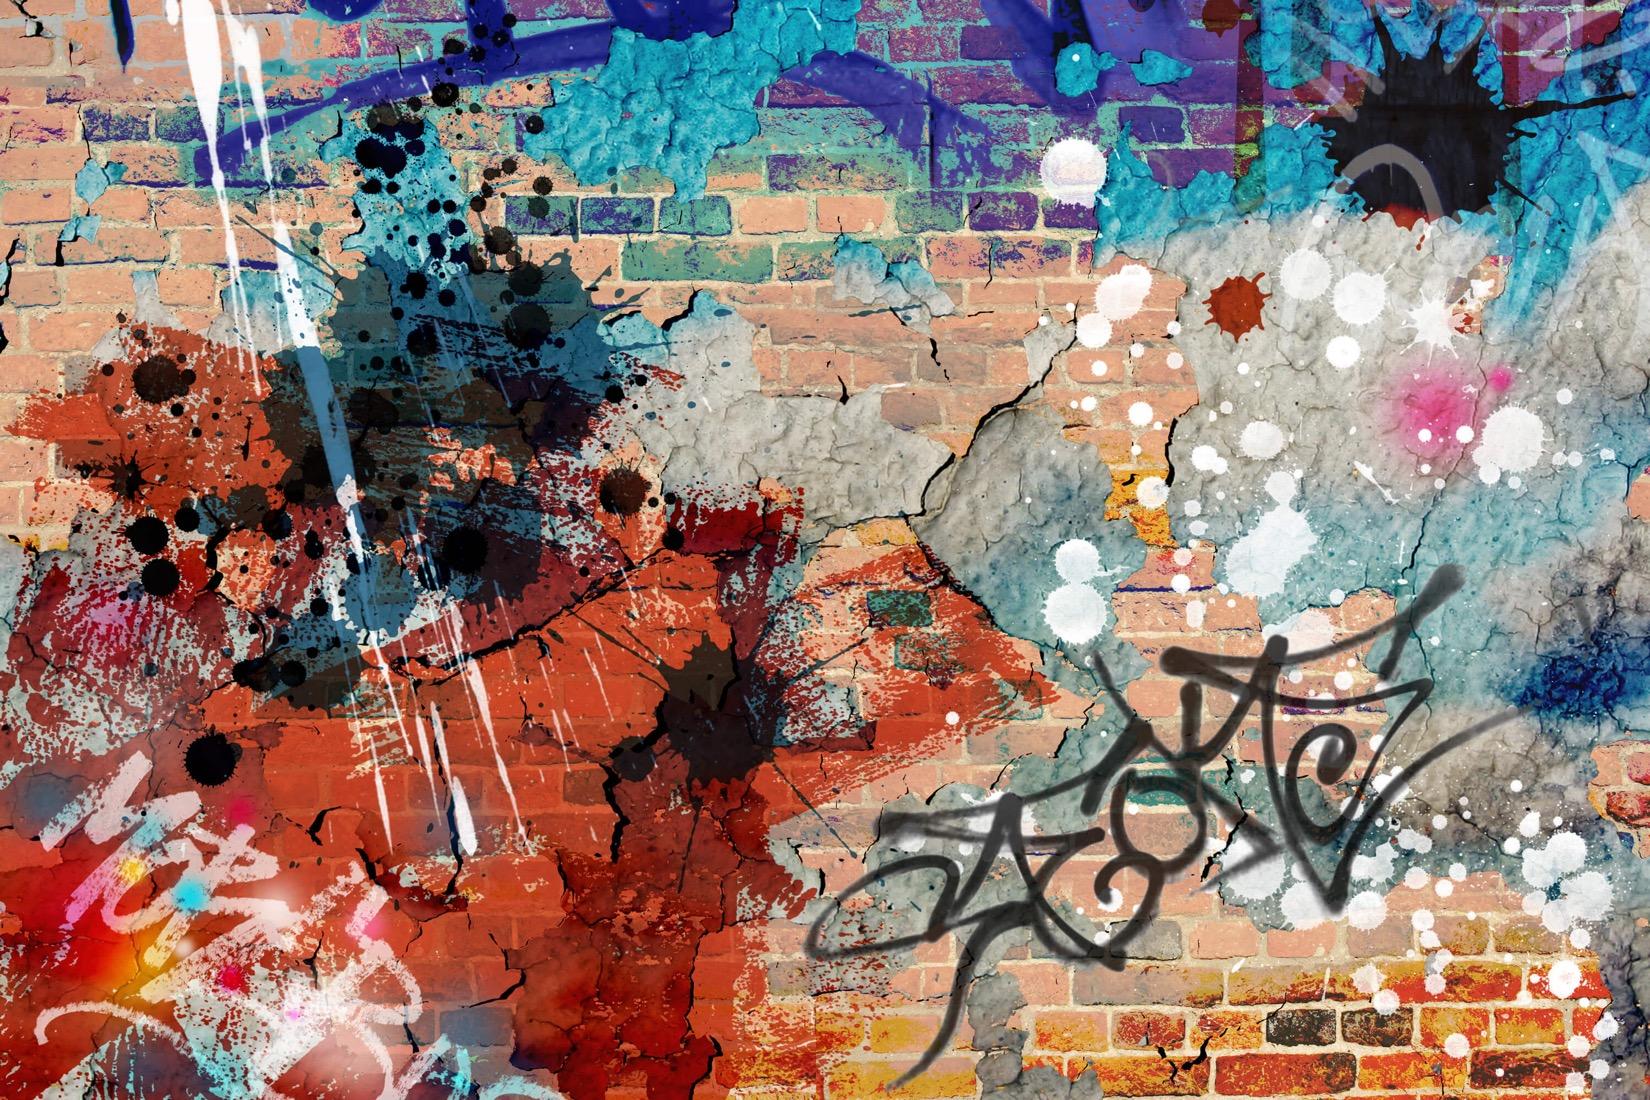 Grunge graffiti image